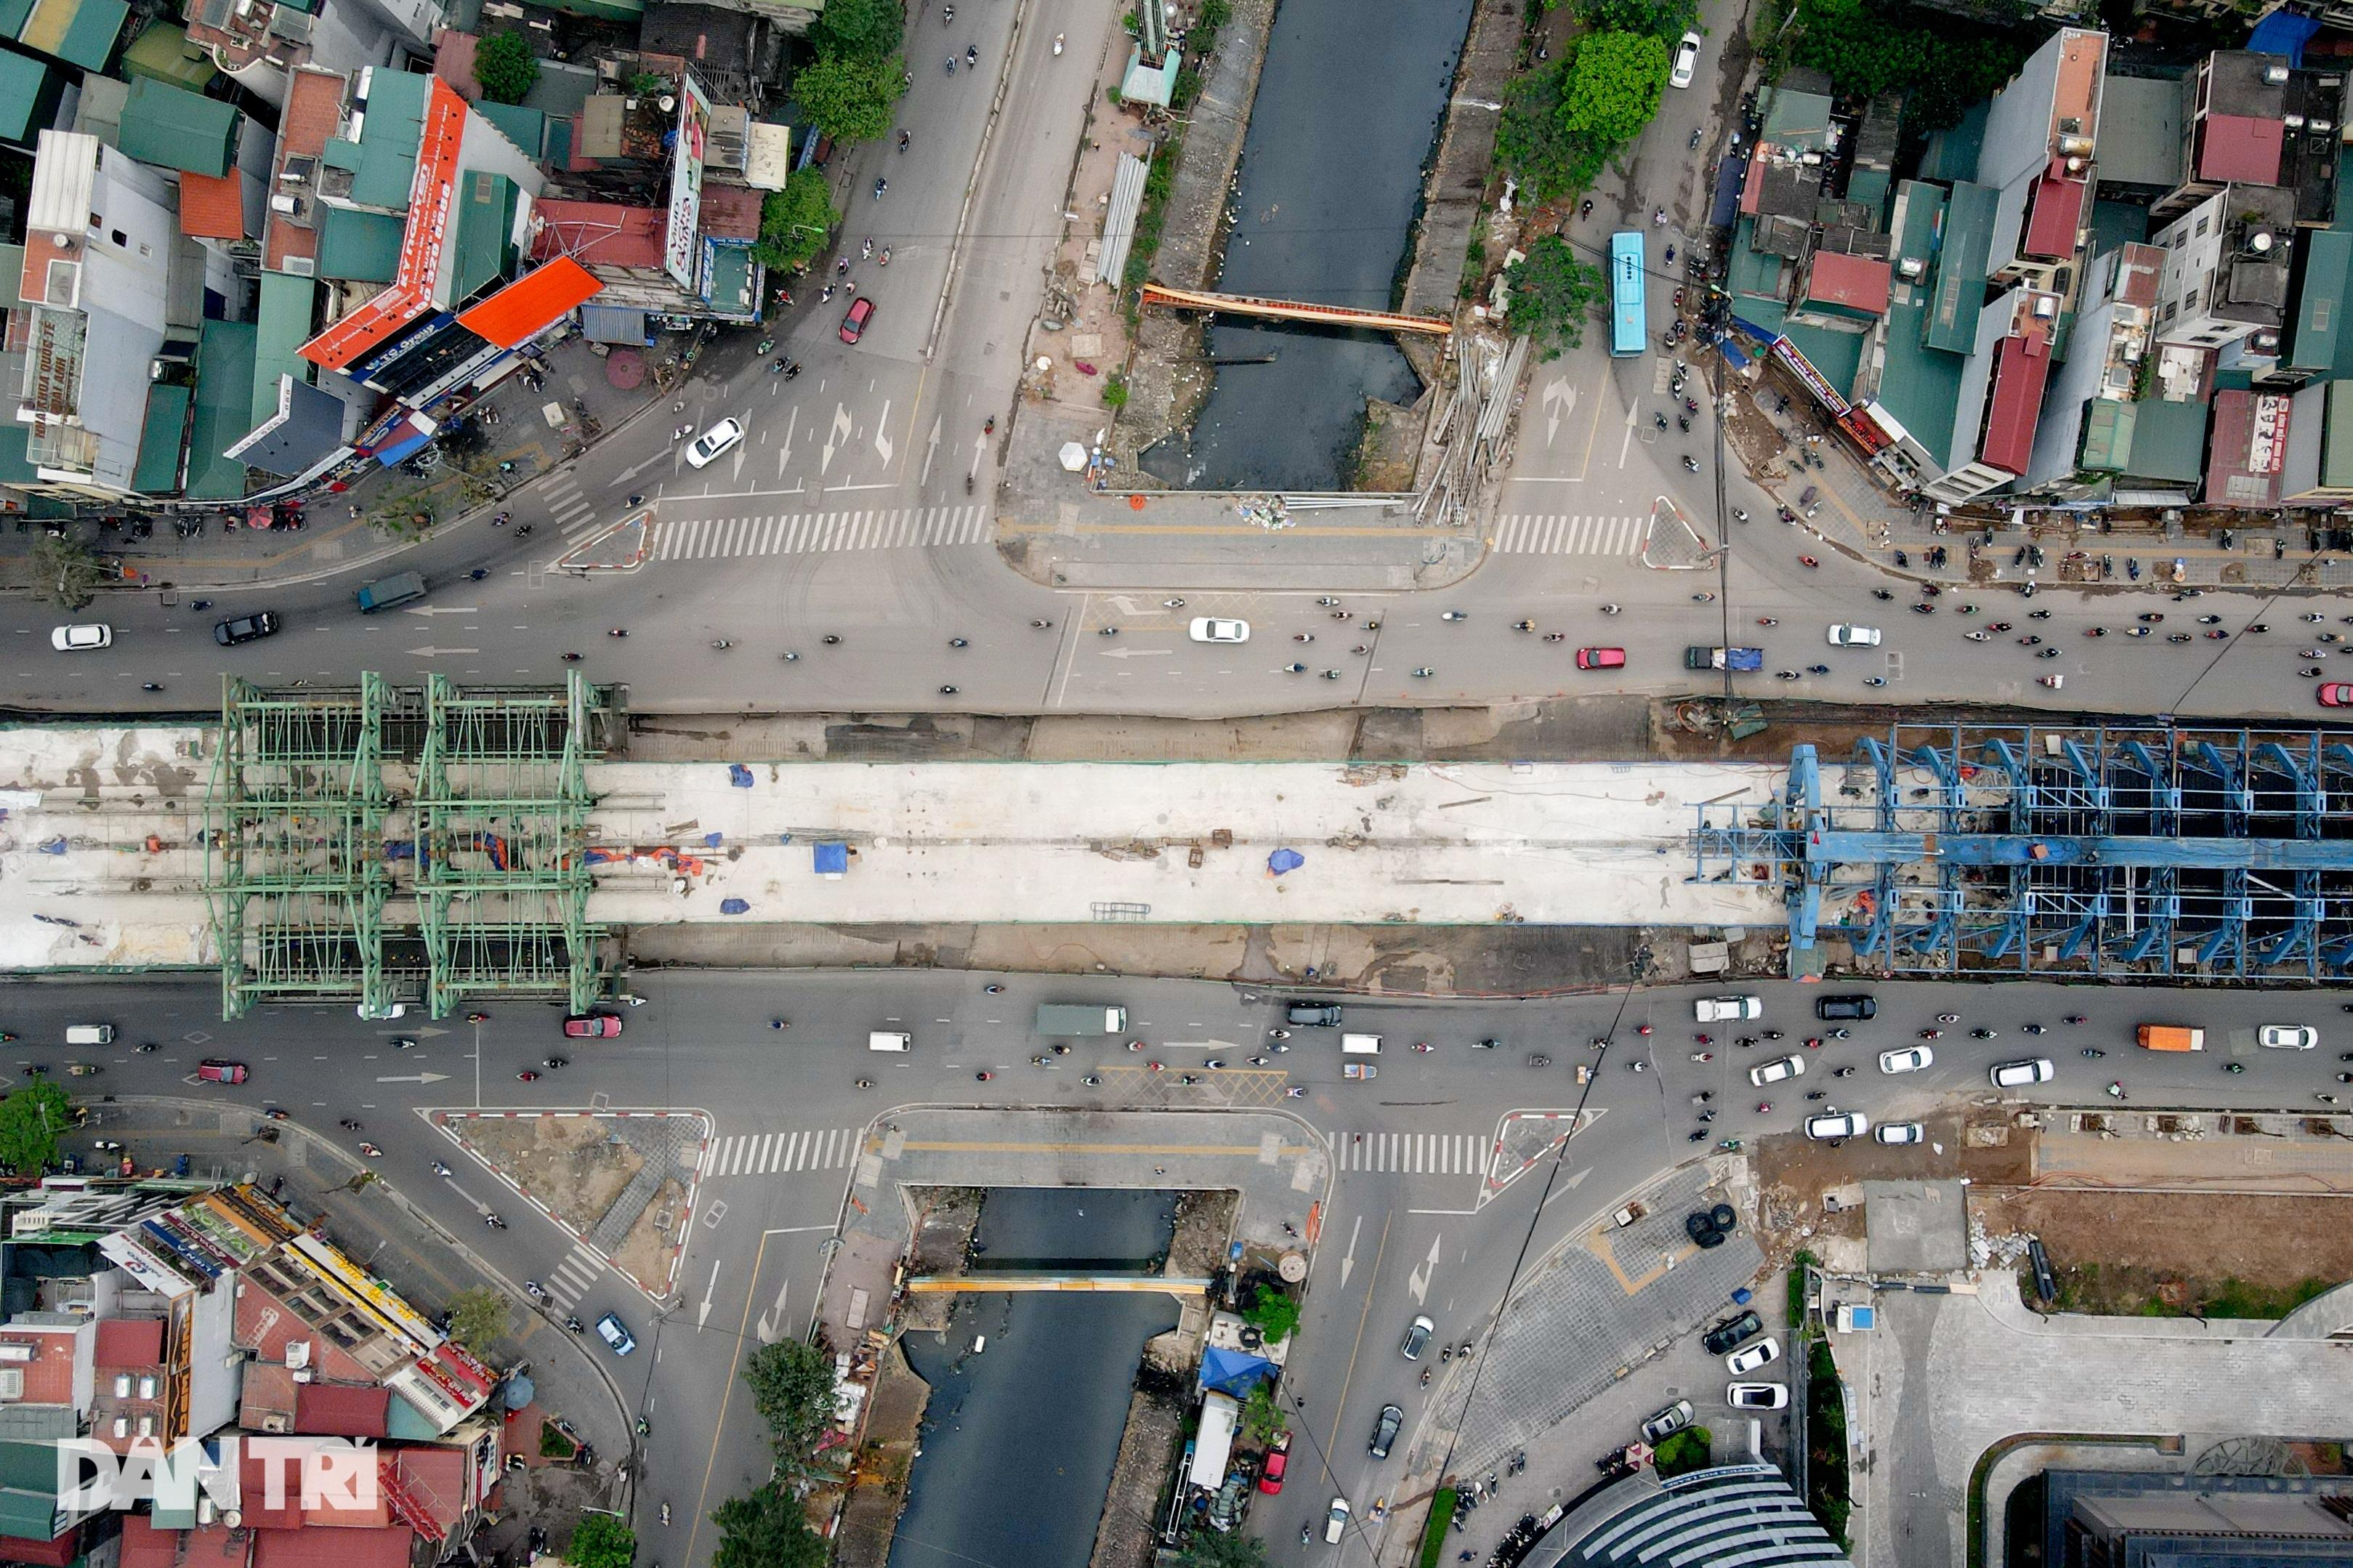 Cận cảnh đại công trường xây dựng đường vành đai 2 gần 10.000 tỷ đồng - 2